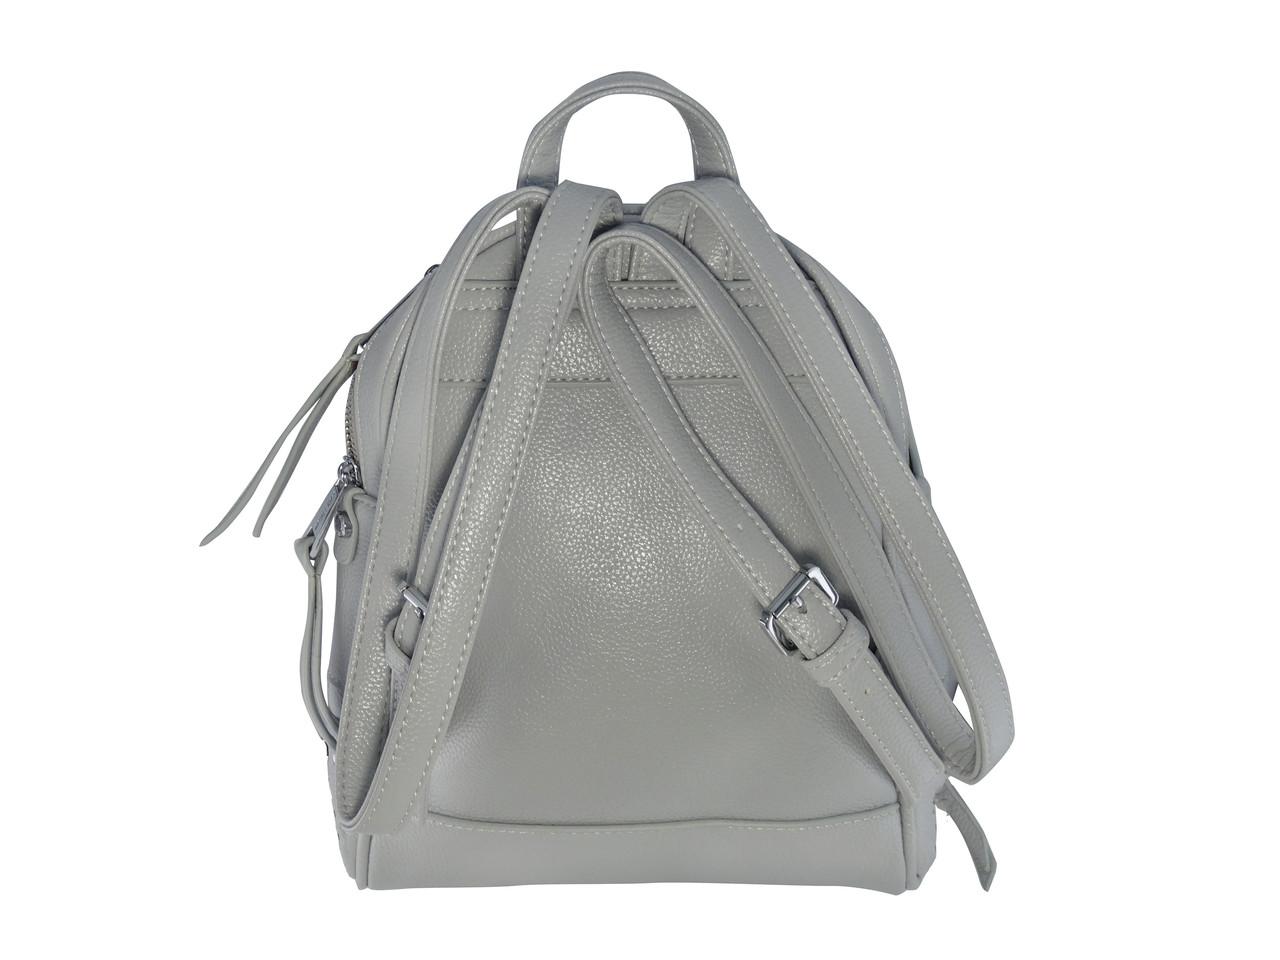 ad76a2e47157 ... фото Женский рюкзак в стиле Michael Kors маленький (серый) №9335-1, фото